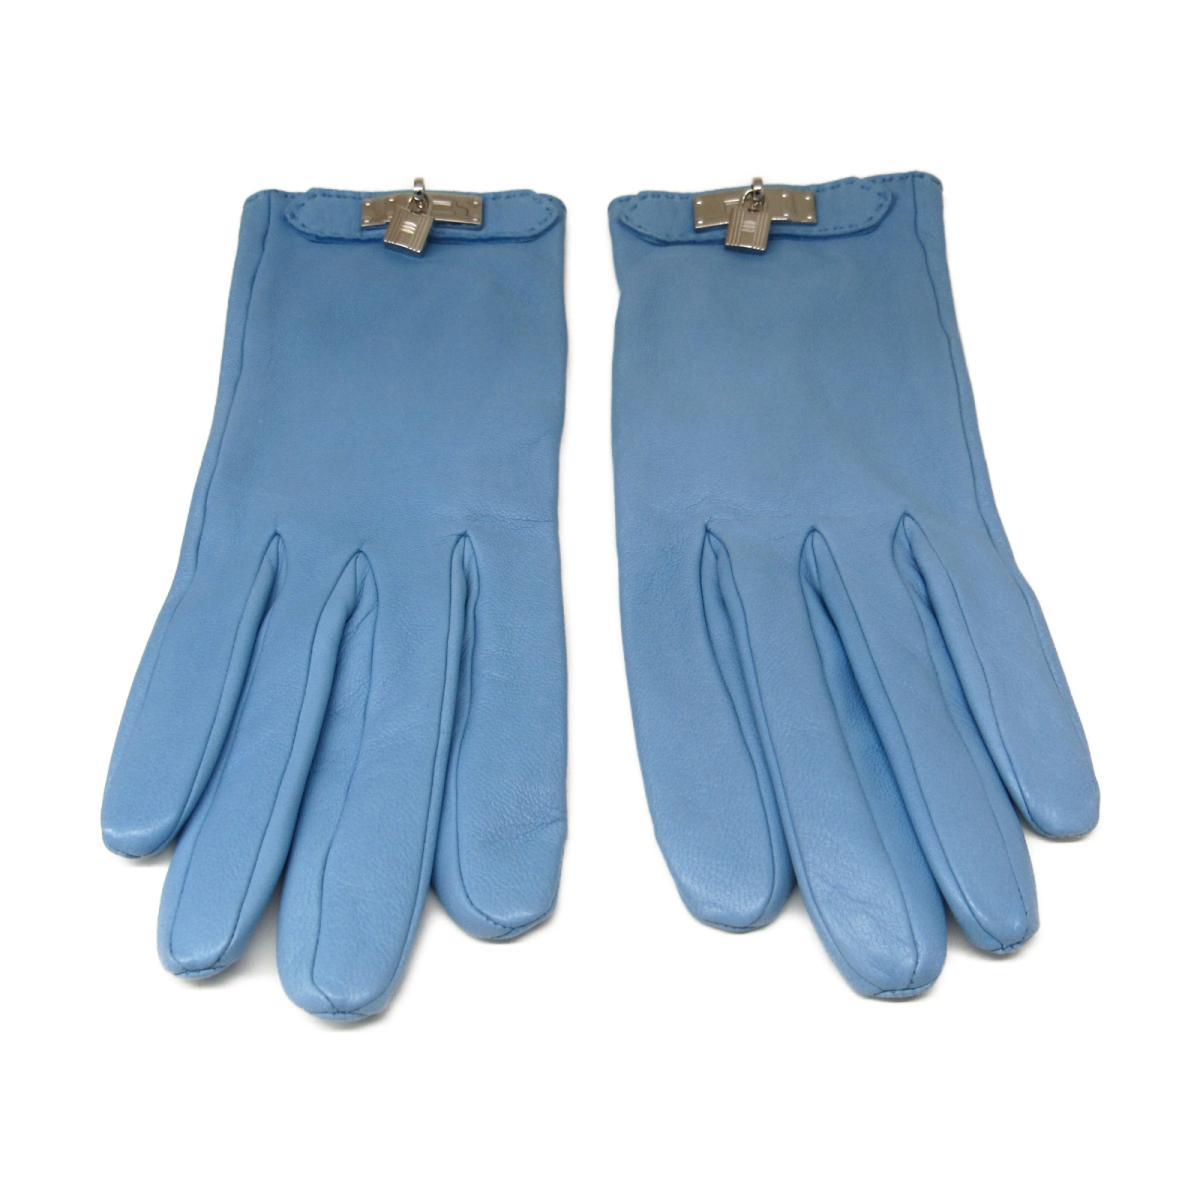 【中古】エルメス 手袋  グローブ 衣料品 レディース 羊革(ラム) ブルー系(金具:シルバー)